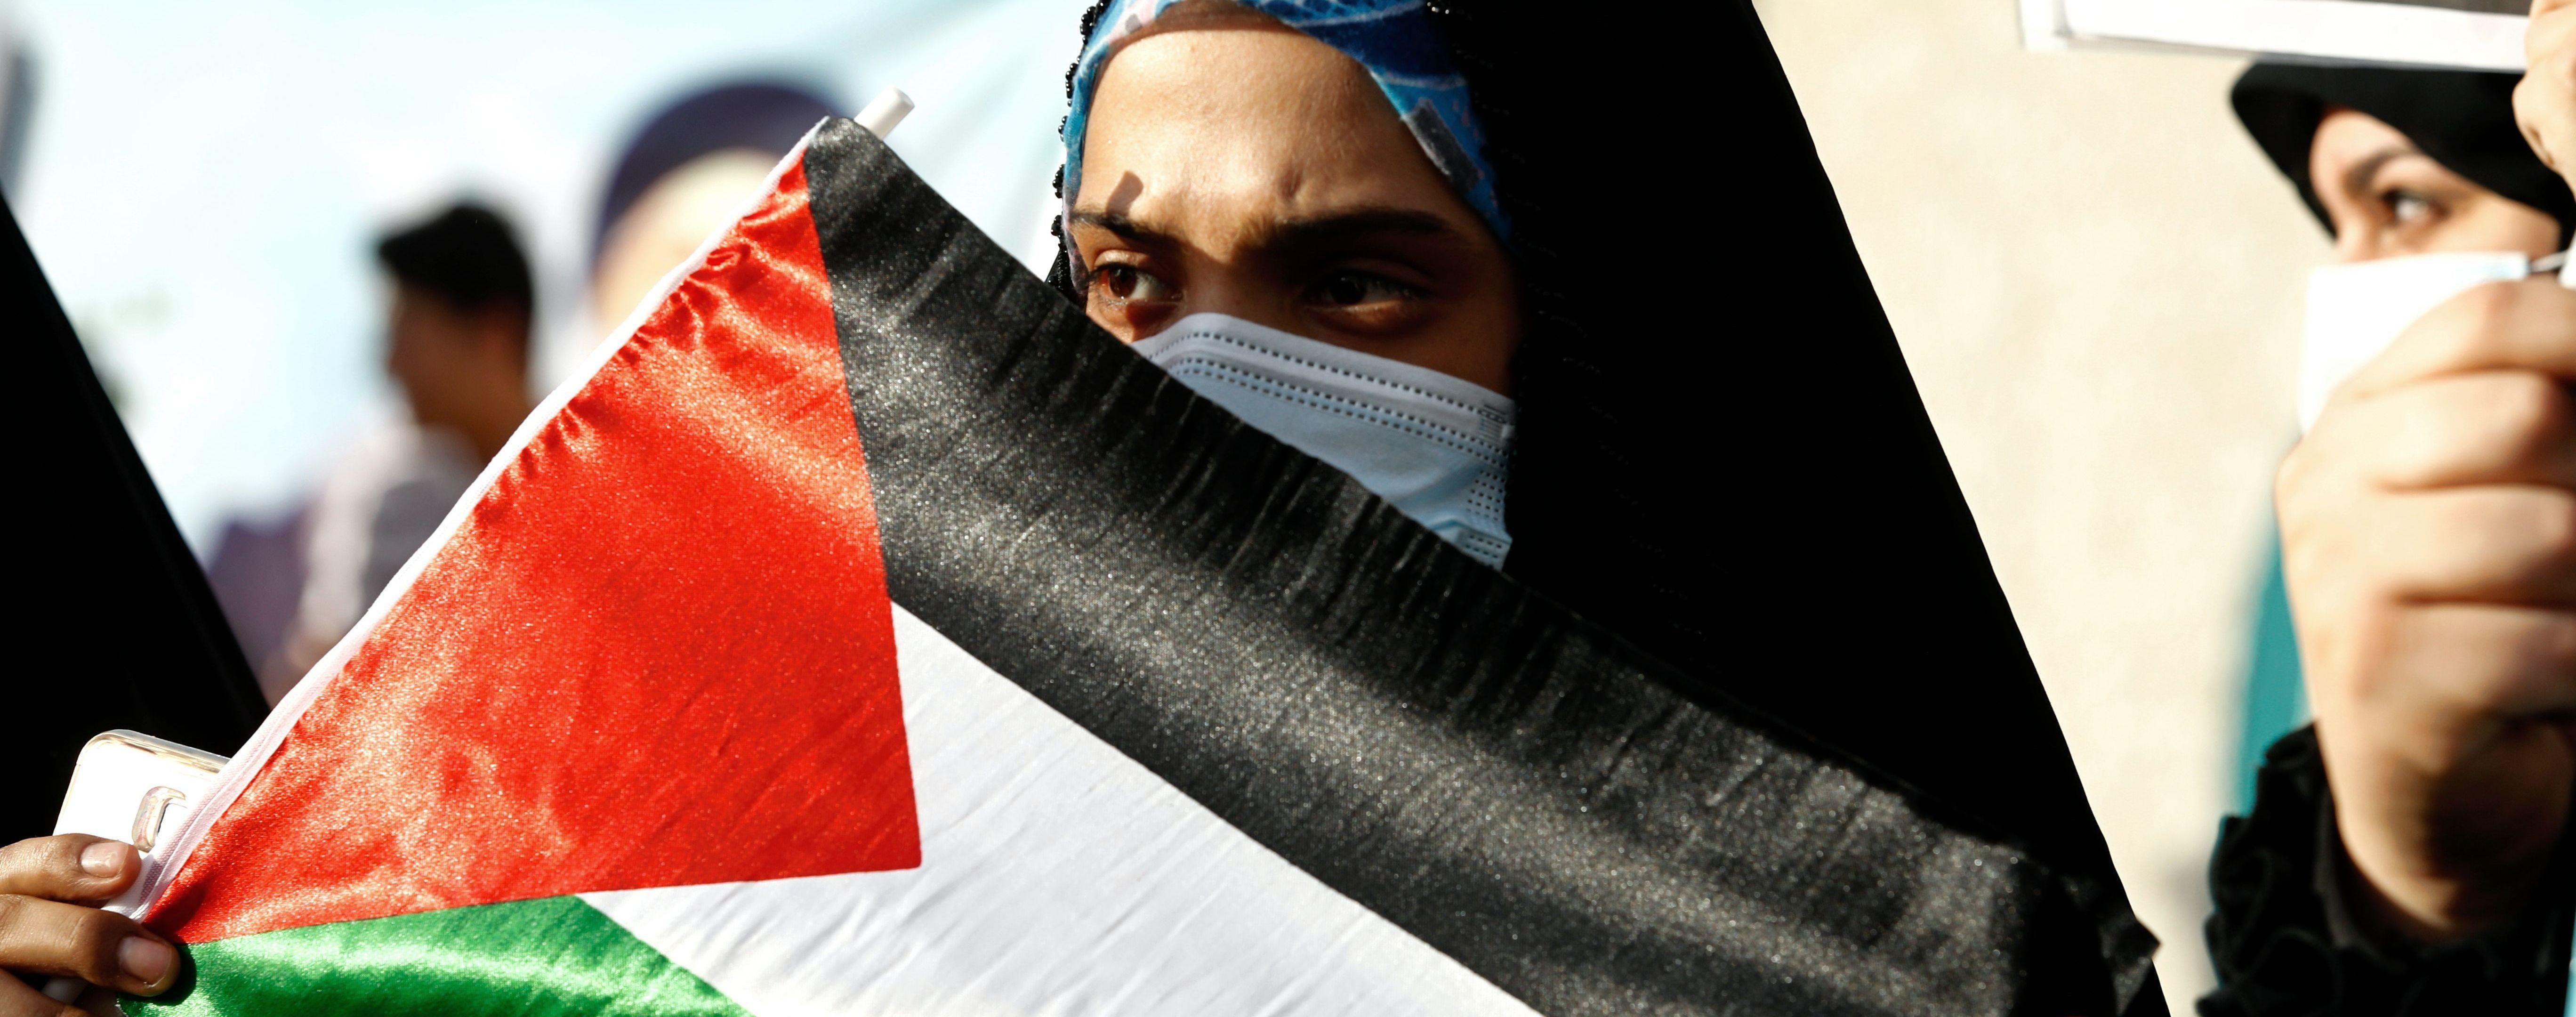 Более 250 палестинцев пострадали во время столкновений на Западном берегу